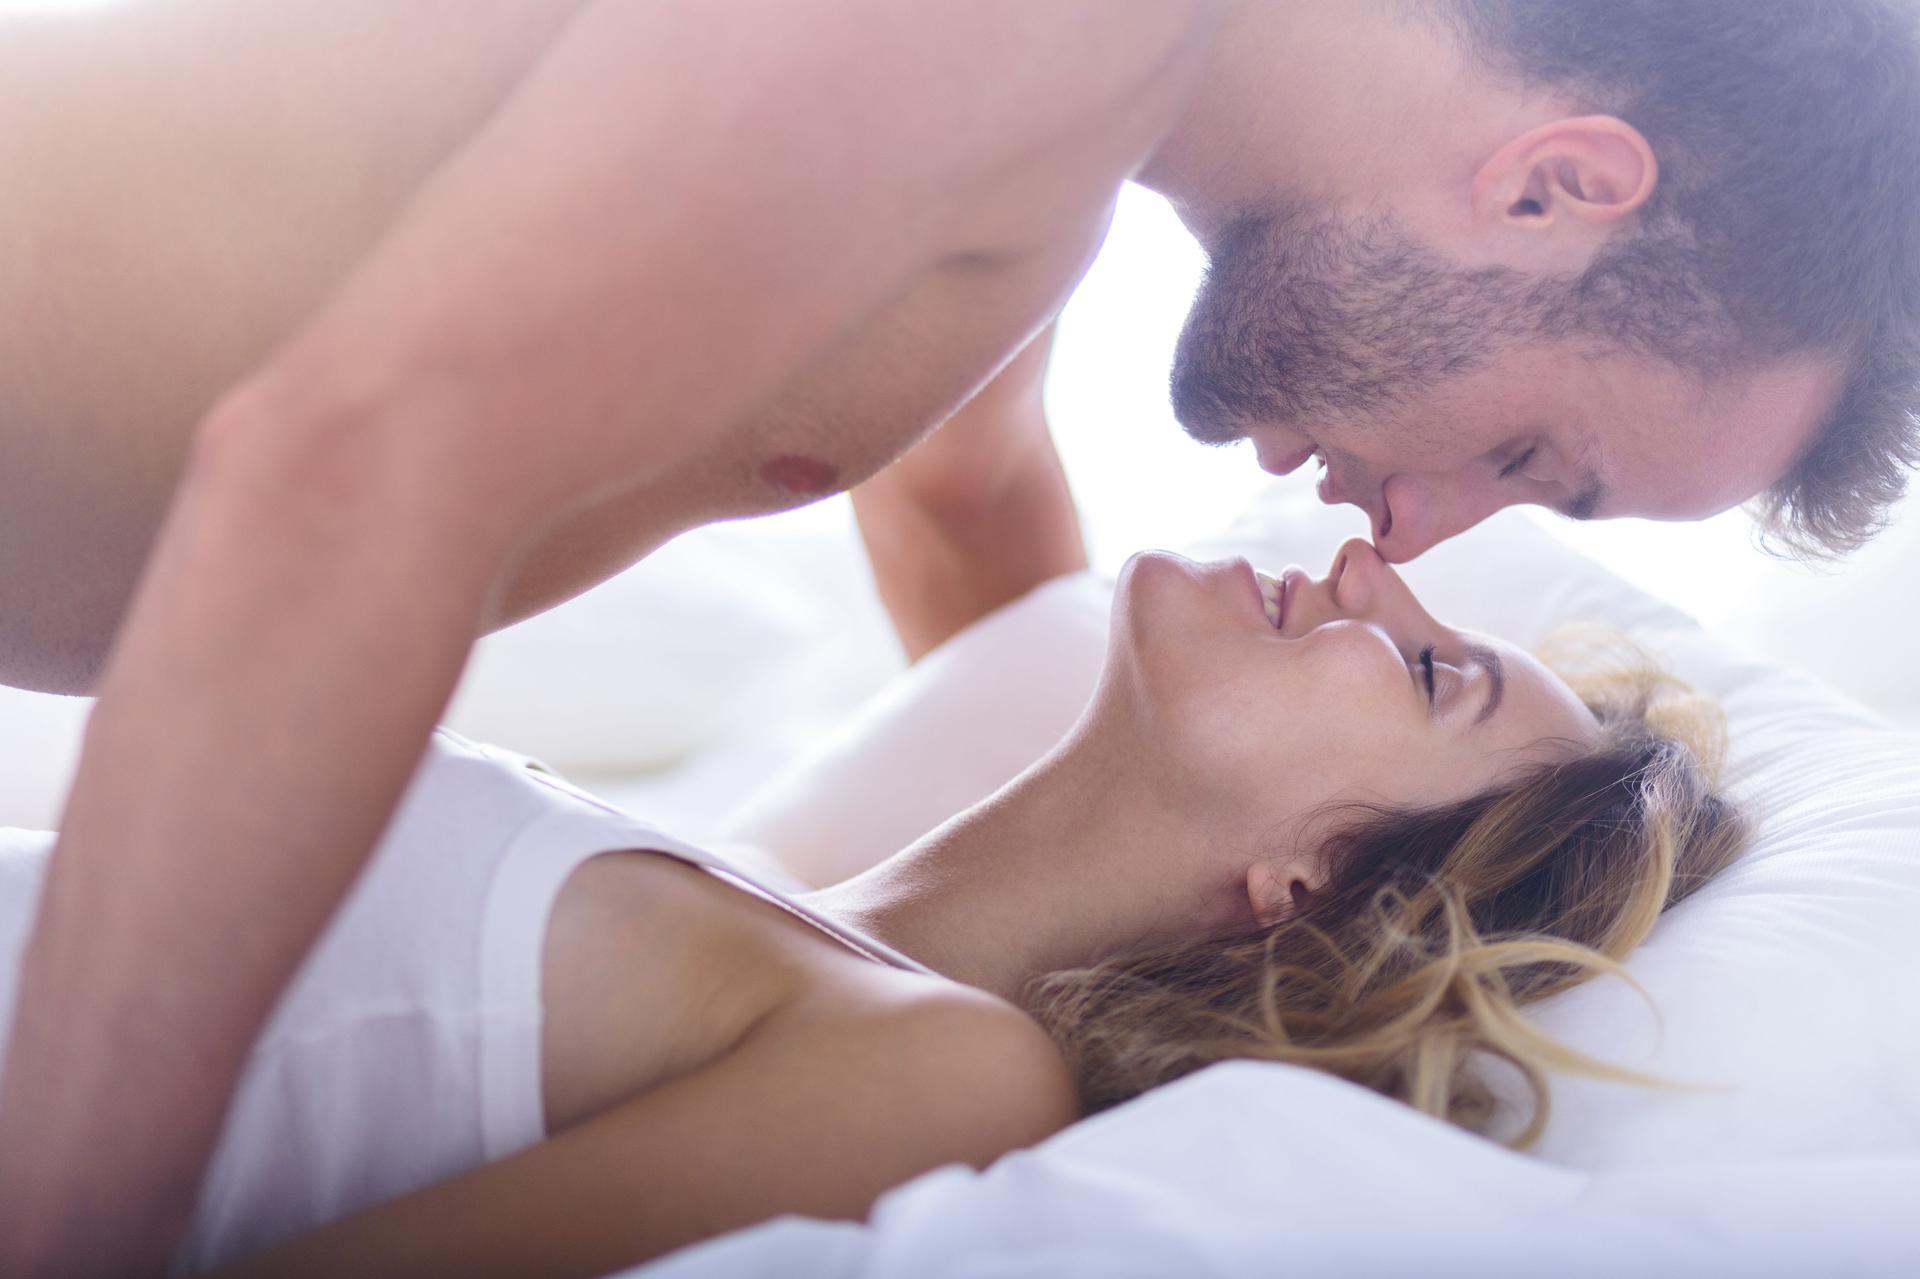 Filmy sex z przedłużaniem penisa